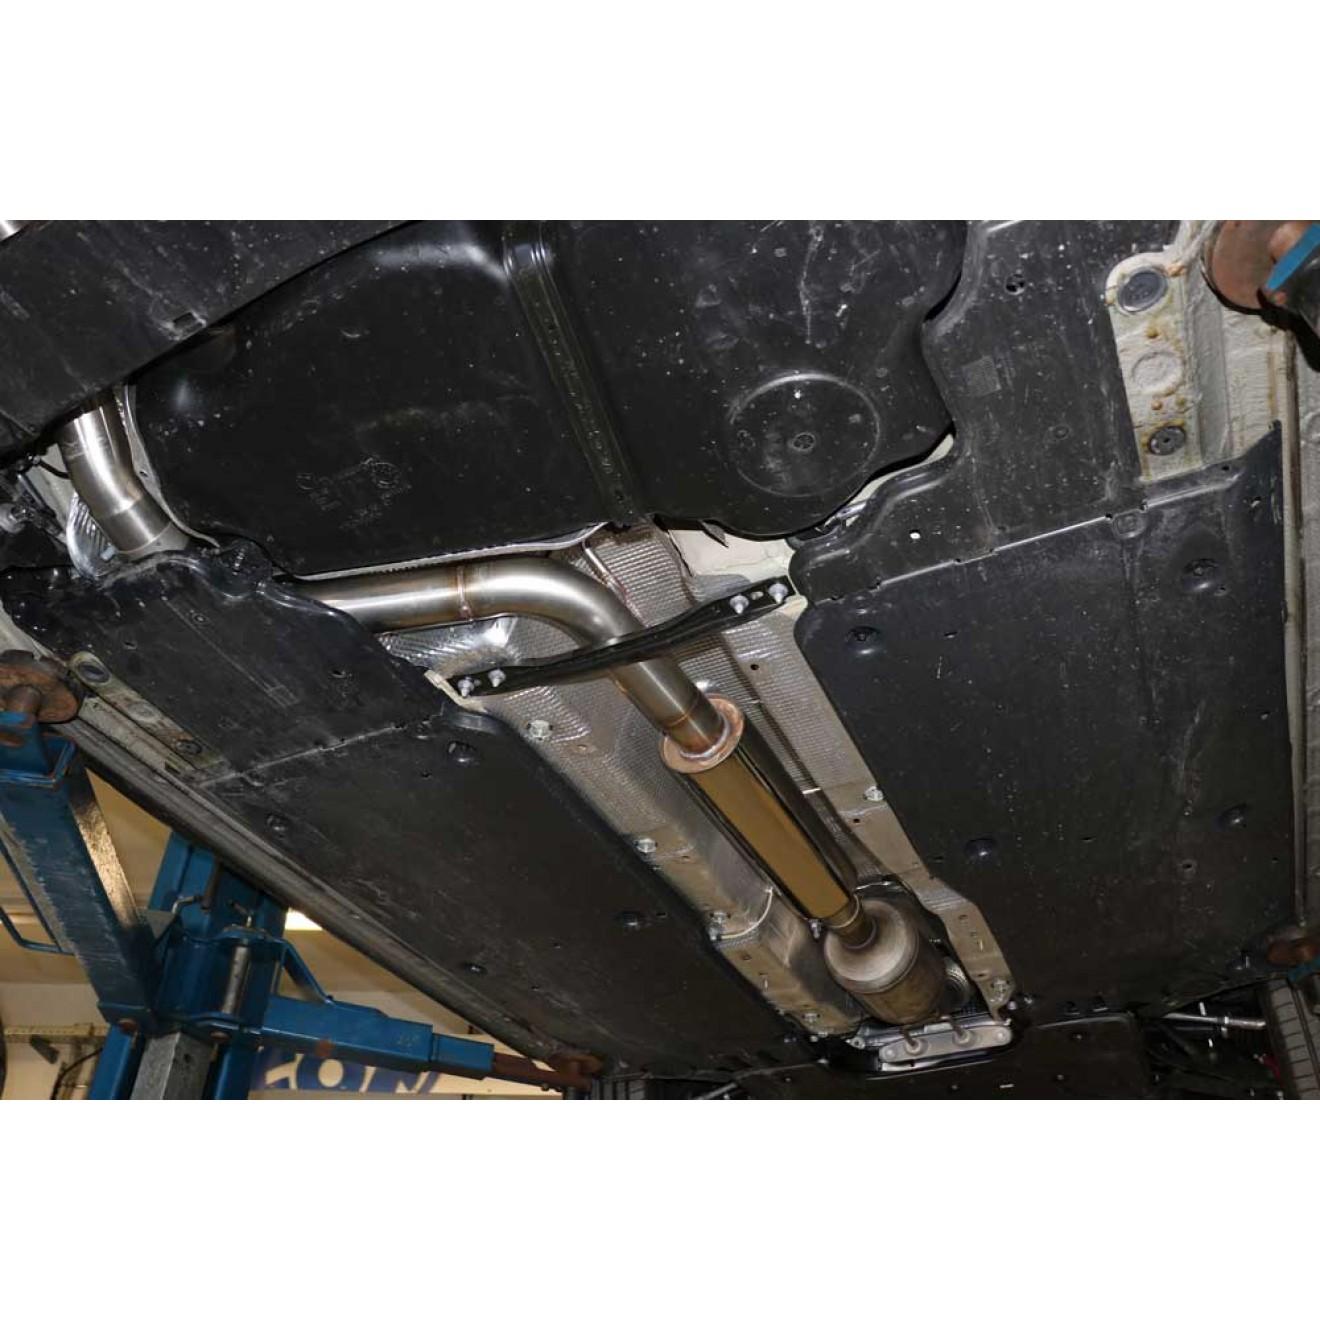 Fox Auspuff Vorschalldämpfer Schalldämpfer Audi A1 40TFSI 2,0l 147kW